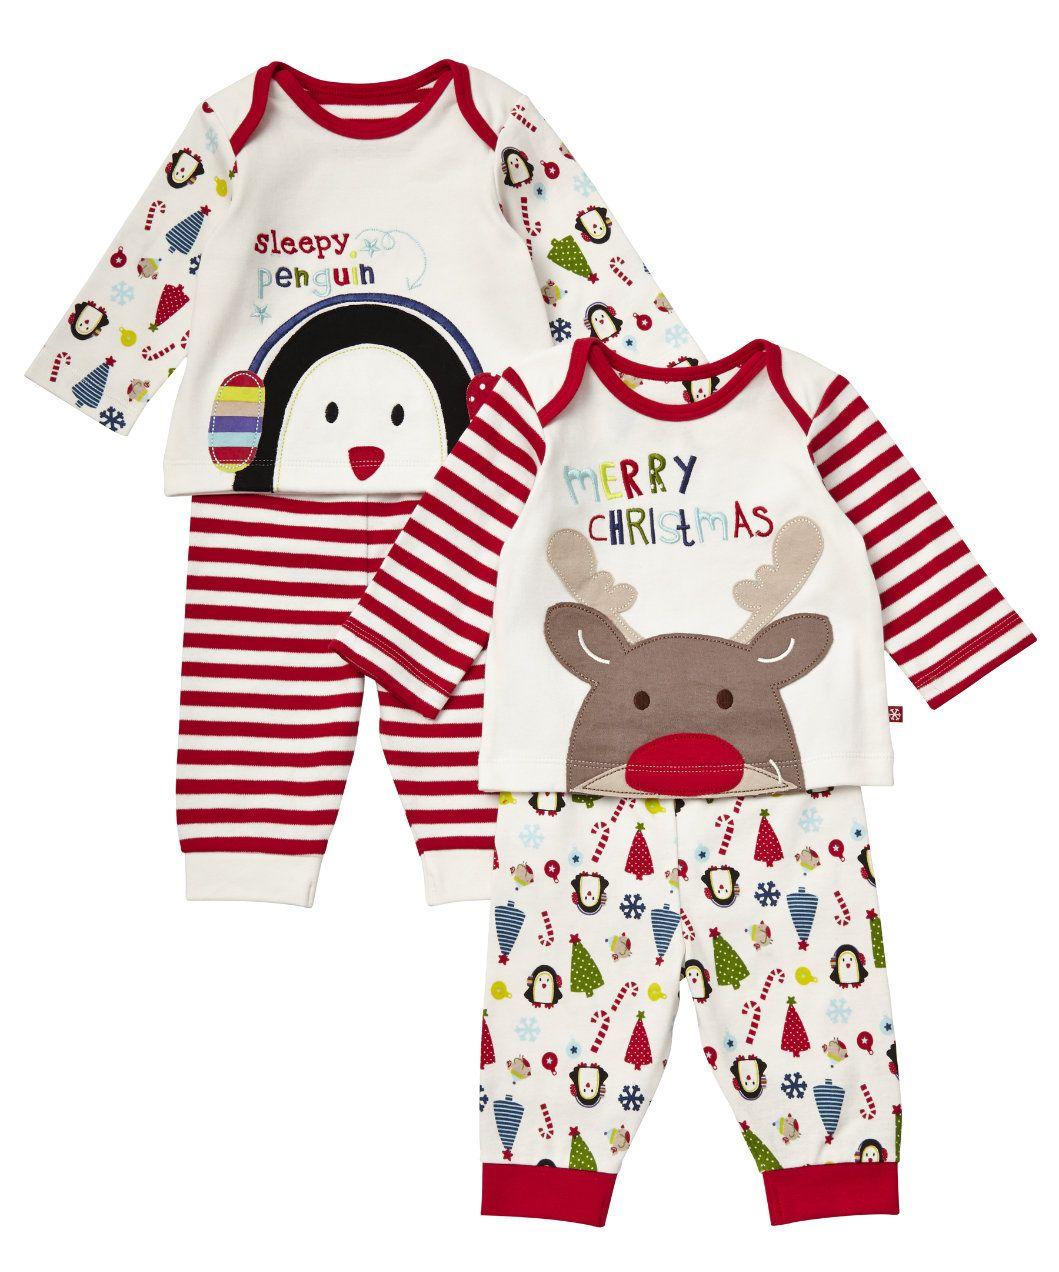 Mothercare Unisex Christmas Pyjamas - 2 Pack - pyjamas - Mothercare ... 577dbb1a6